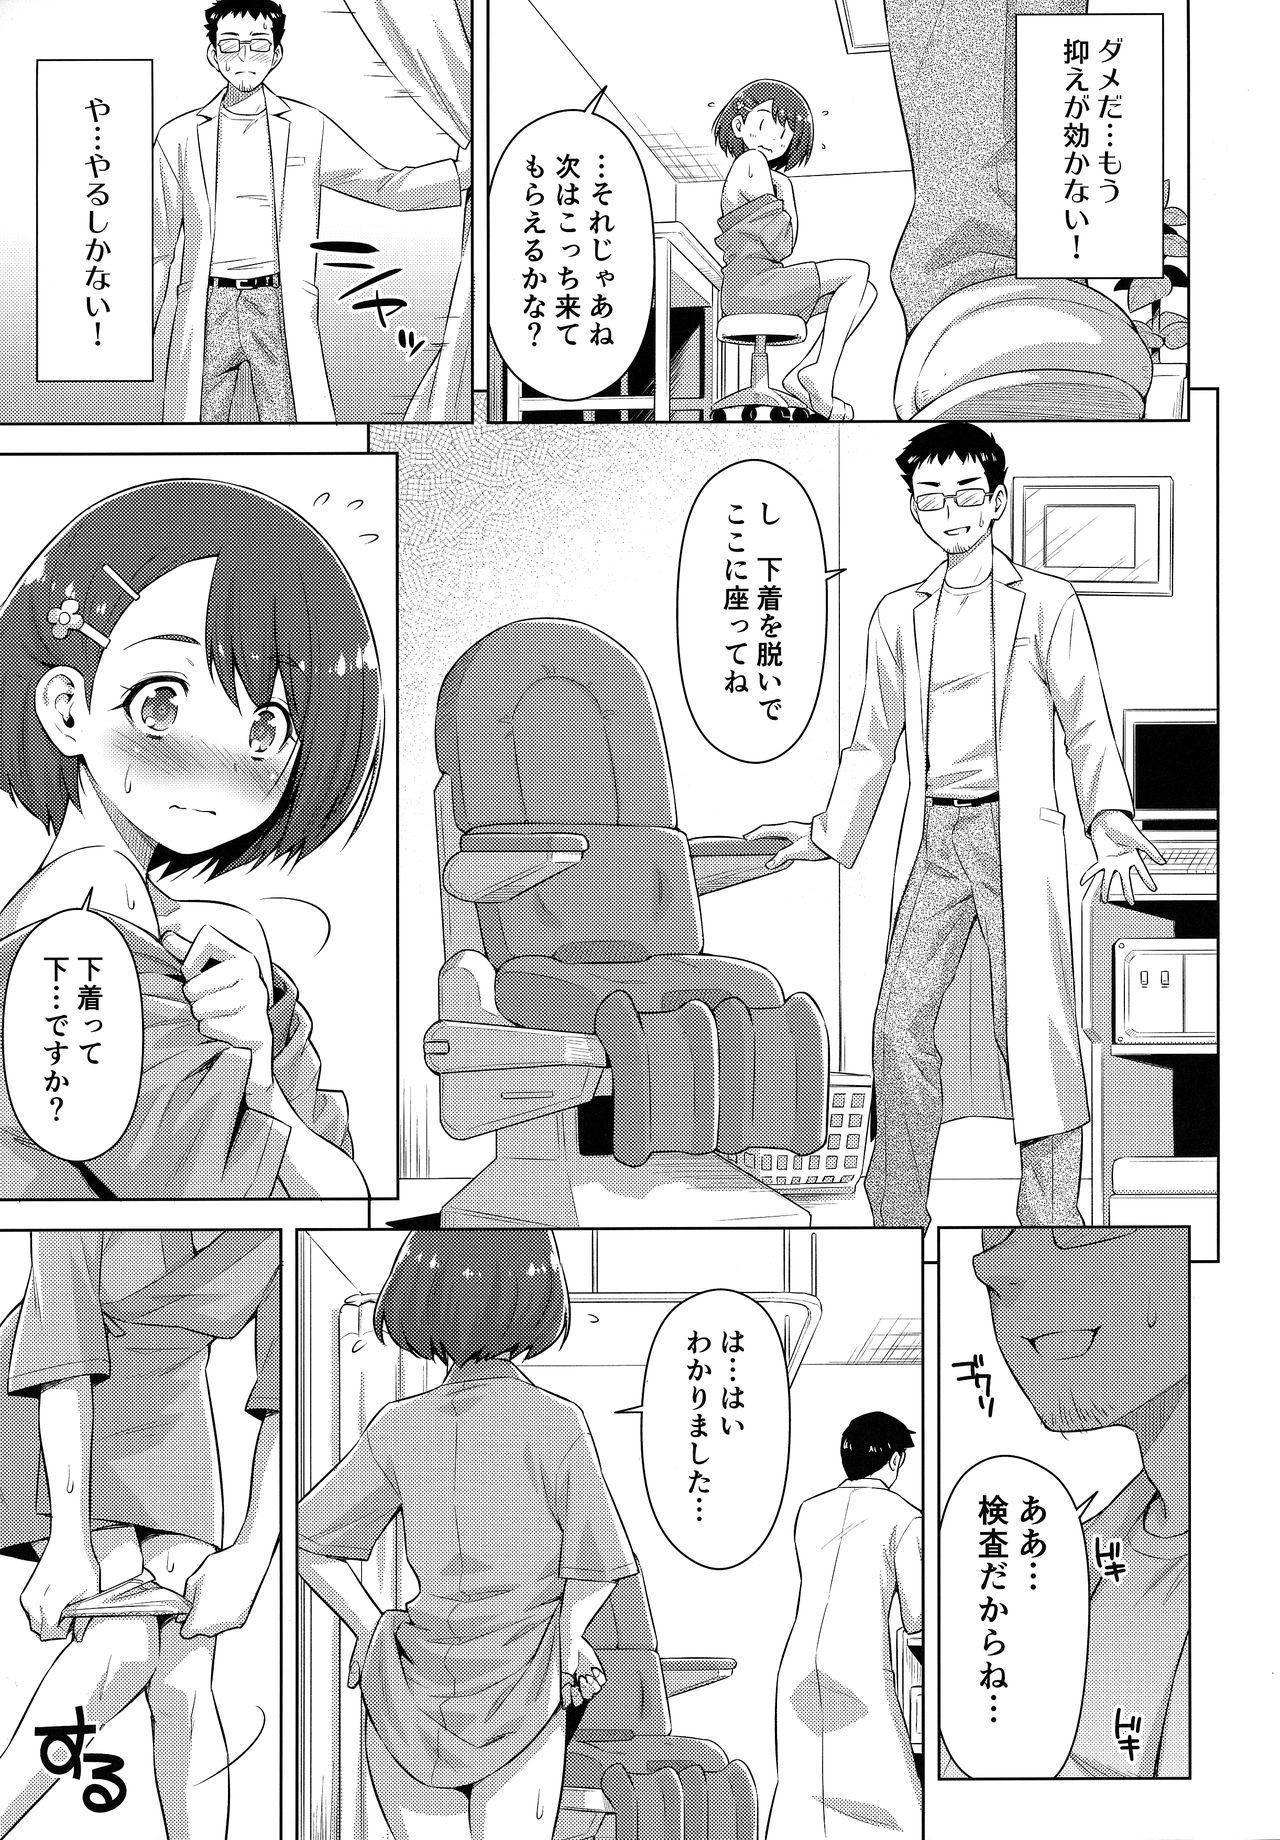 Boku no Shinryoujo e Youkoso. 13